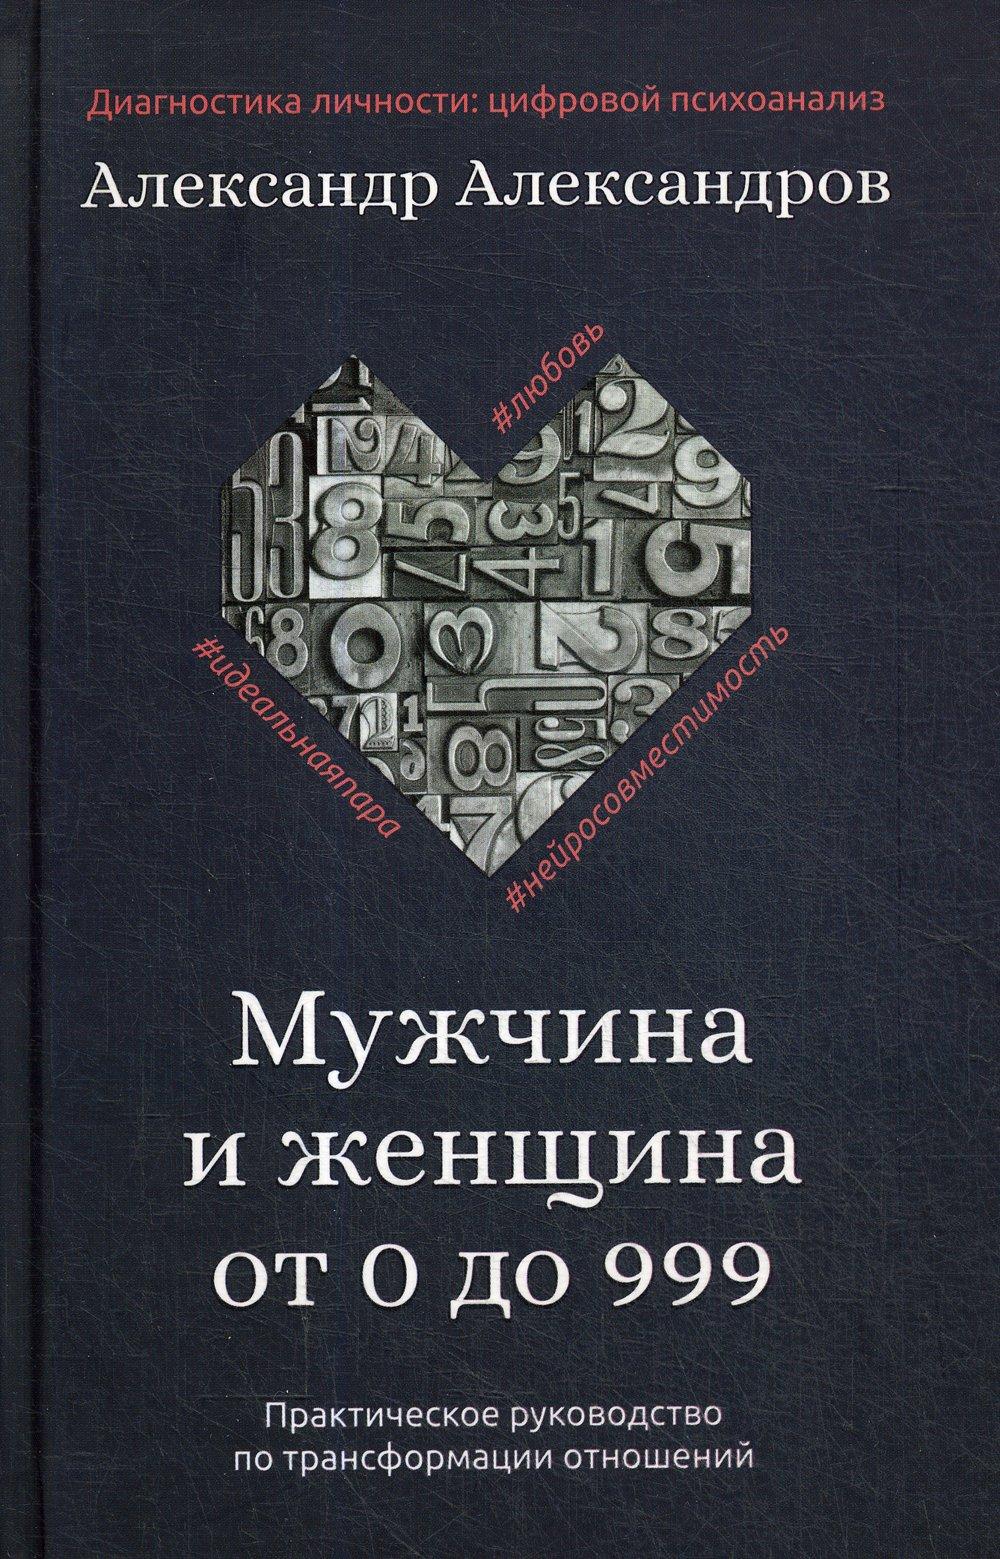 Мужчина и женщина от 0 до 999. Практическое руководство по трансформации отношений ( Александров Александр Федорович  )